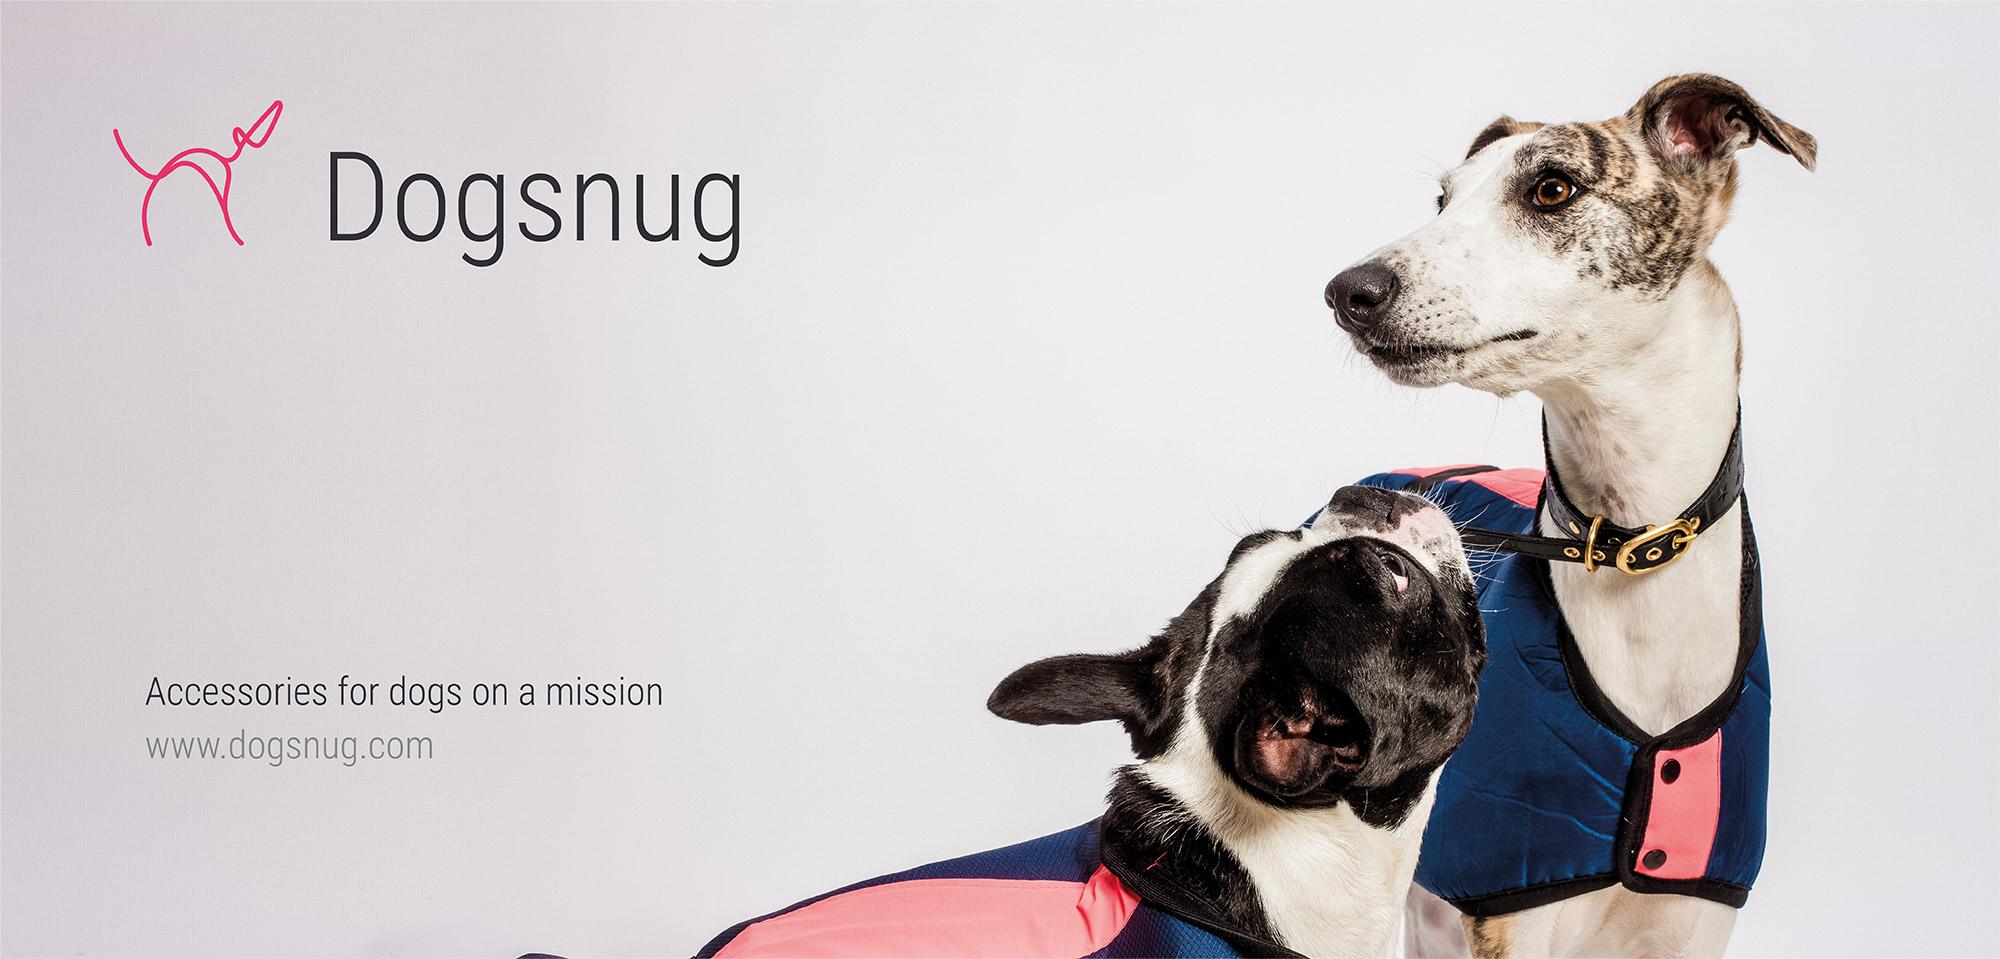 日本初上陸。イギリス発ドッグブランド「DOGSNUG(ドッグスナッグ)」by BEAST COAST